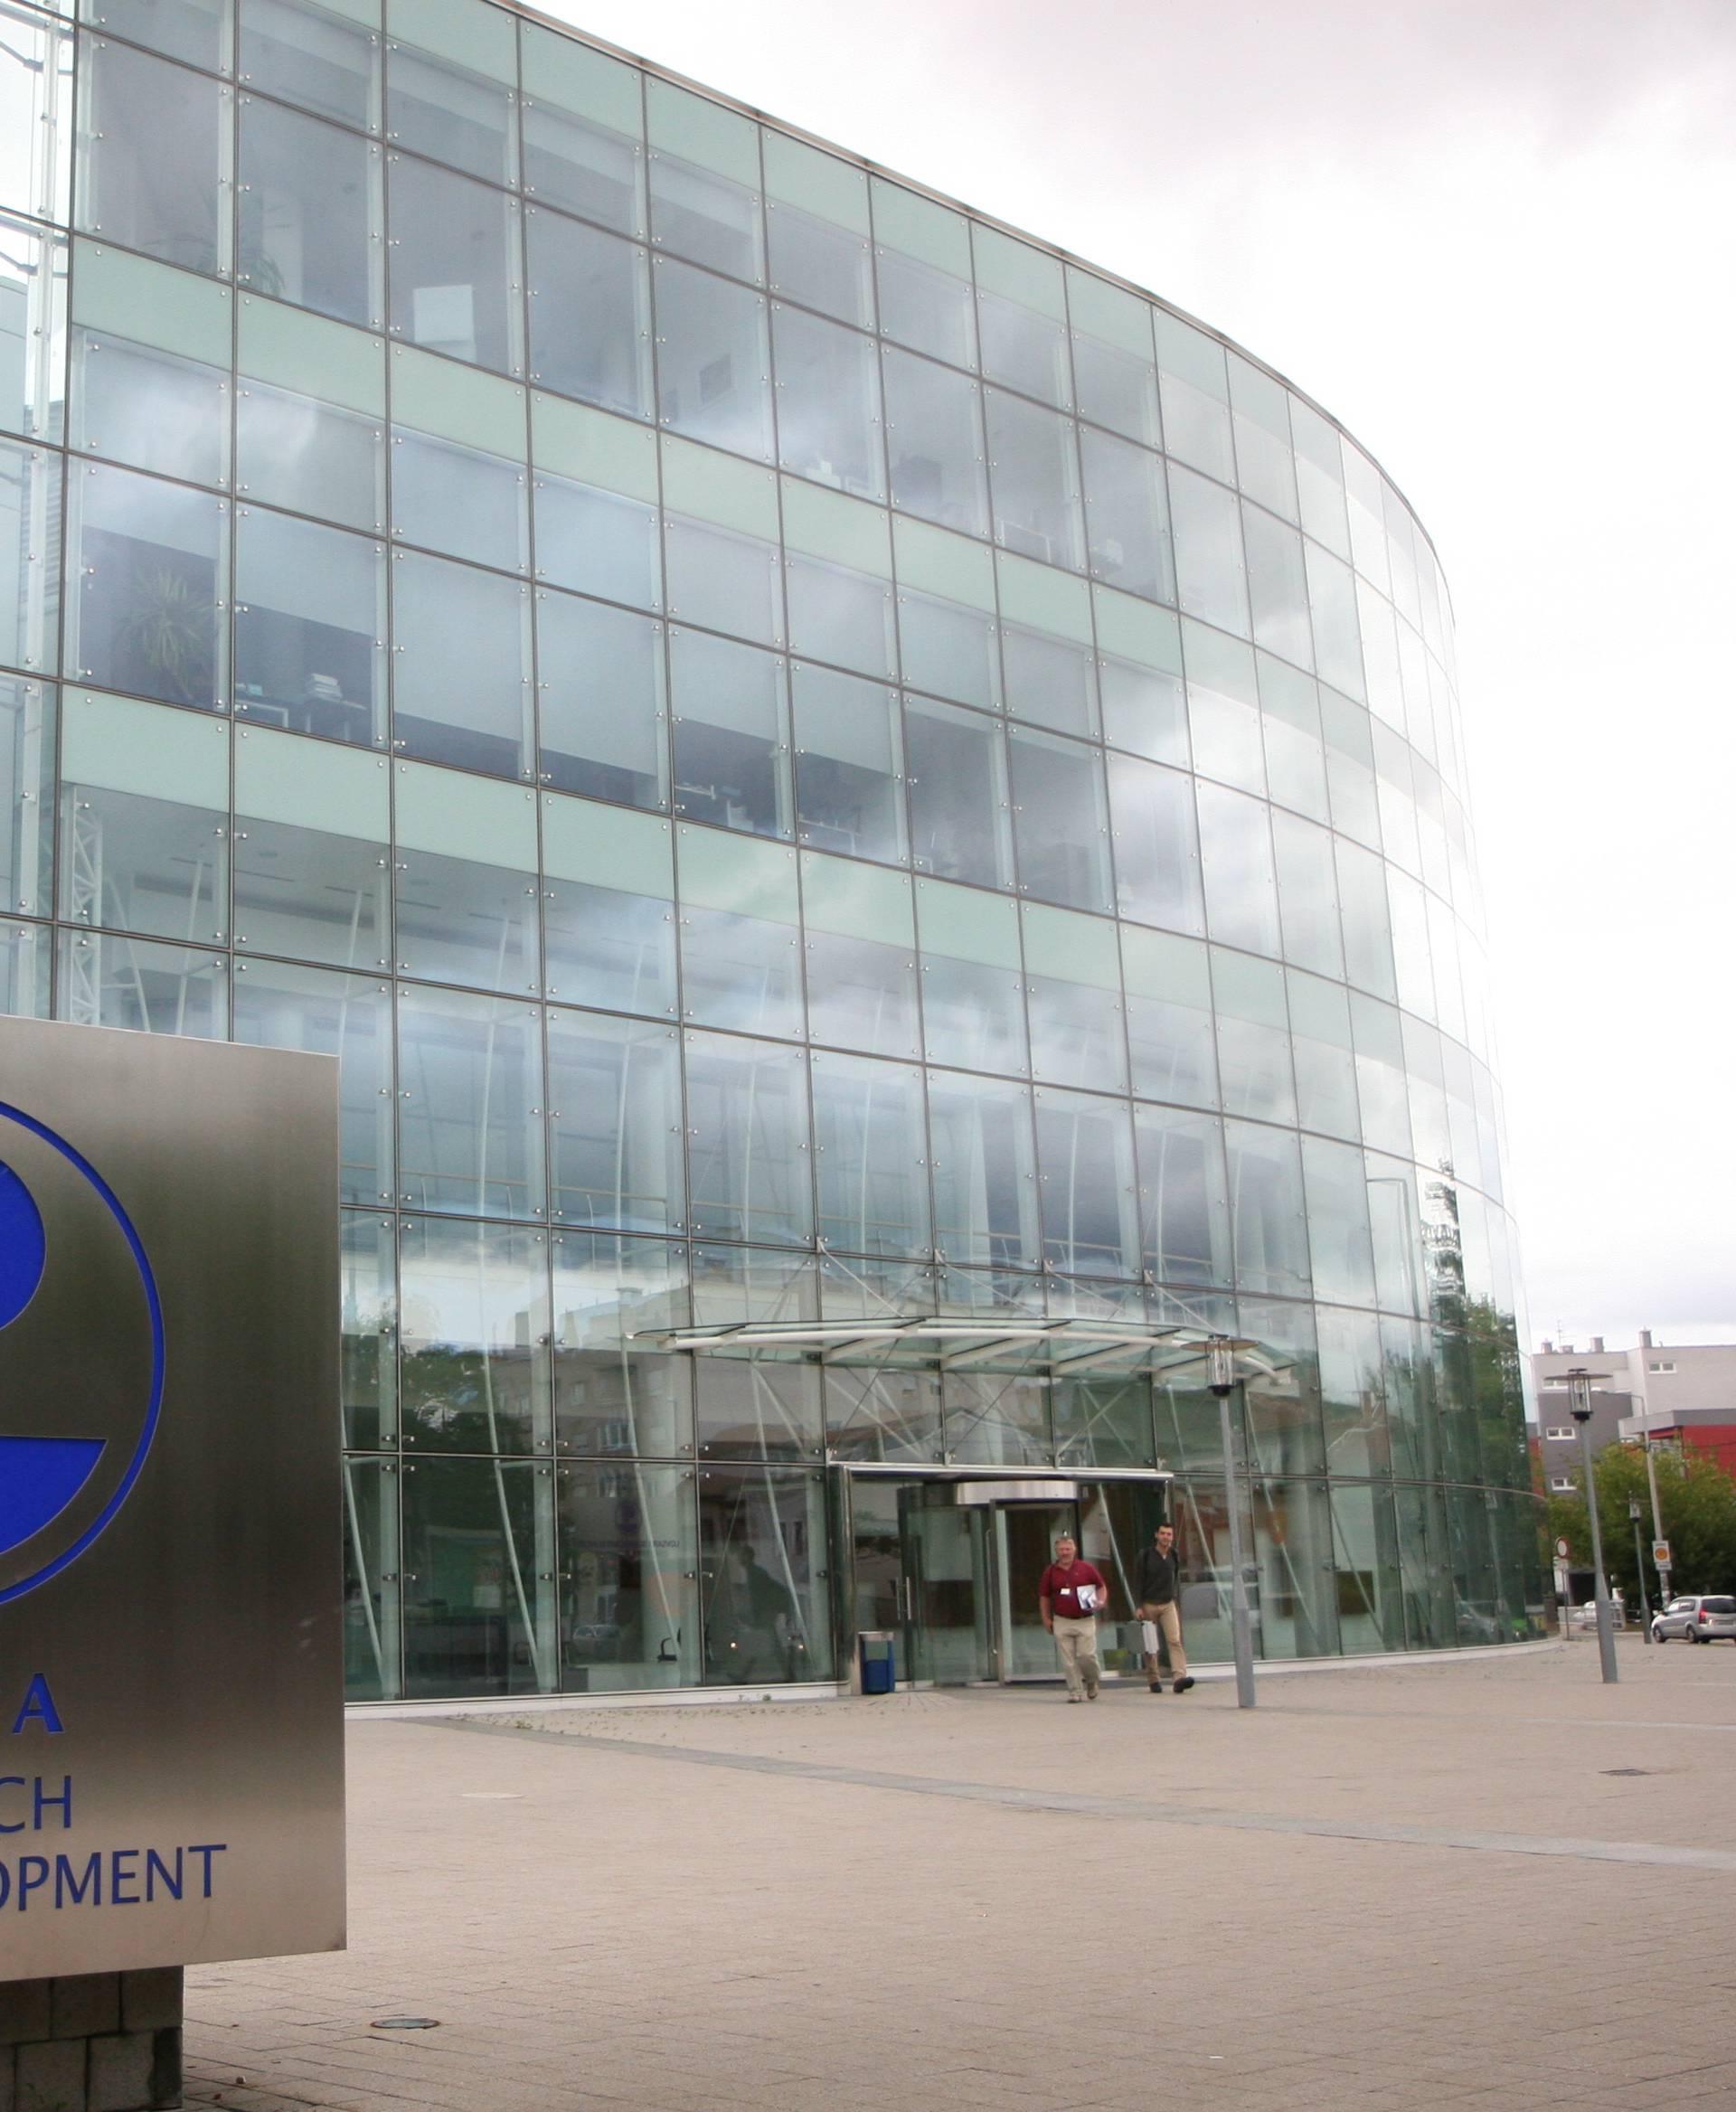 Plivini radnici dali su 150.000 kuna za borbu protiv korone